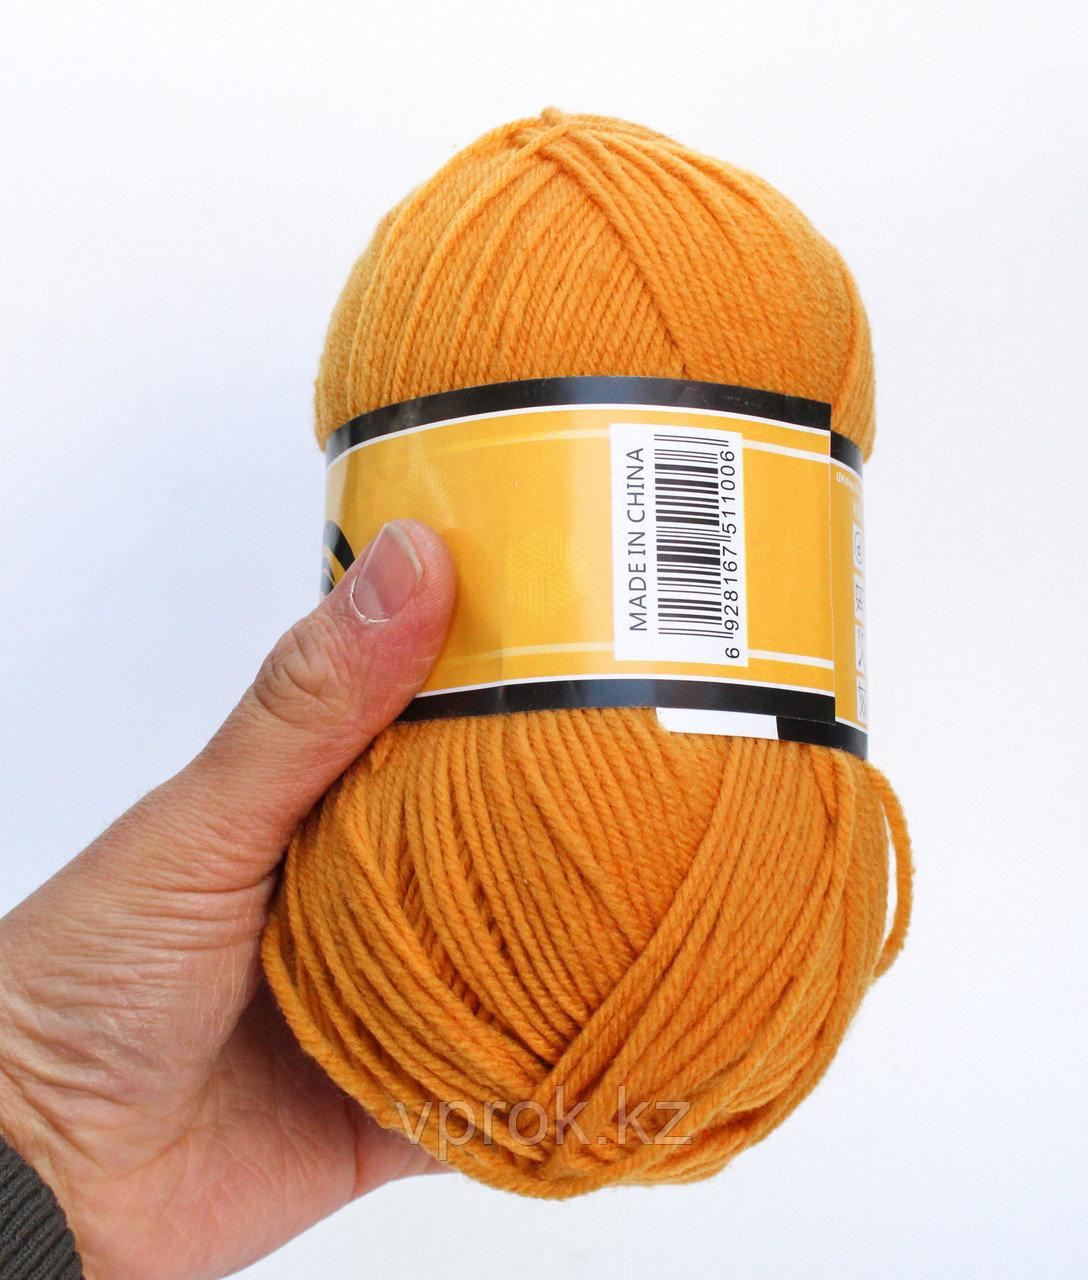 Пряжа акриловая, KING BIRD, 100 гр., оранжевая - фото 2